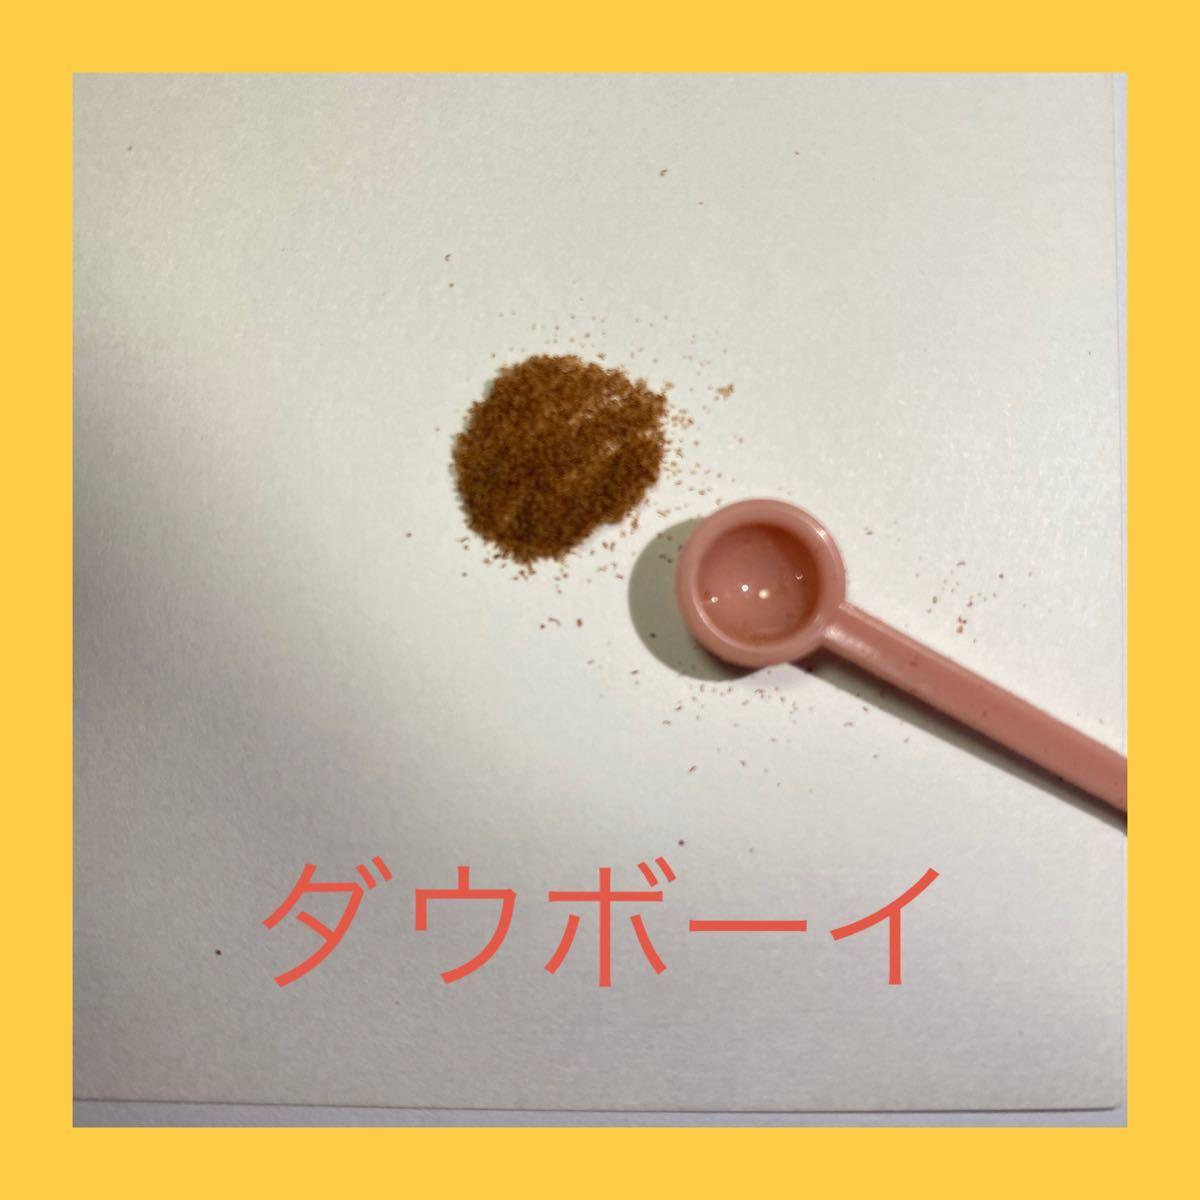 胞子 5種 セット ビカクシダ コウモリラン